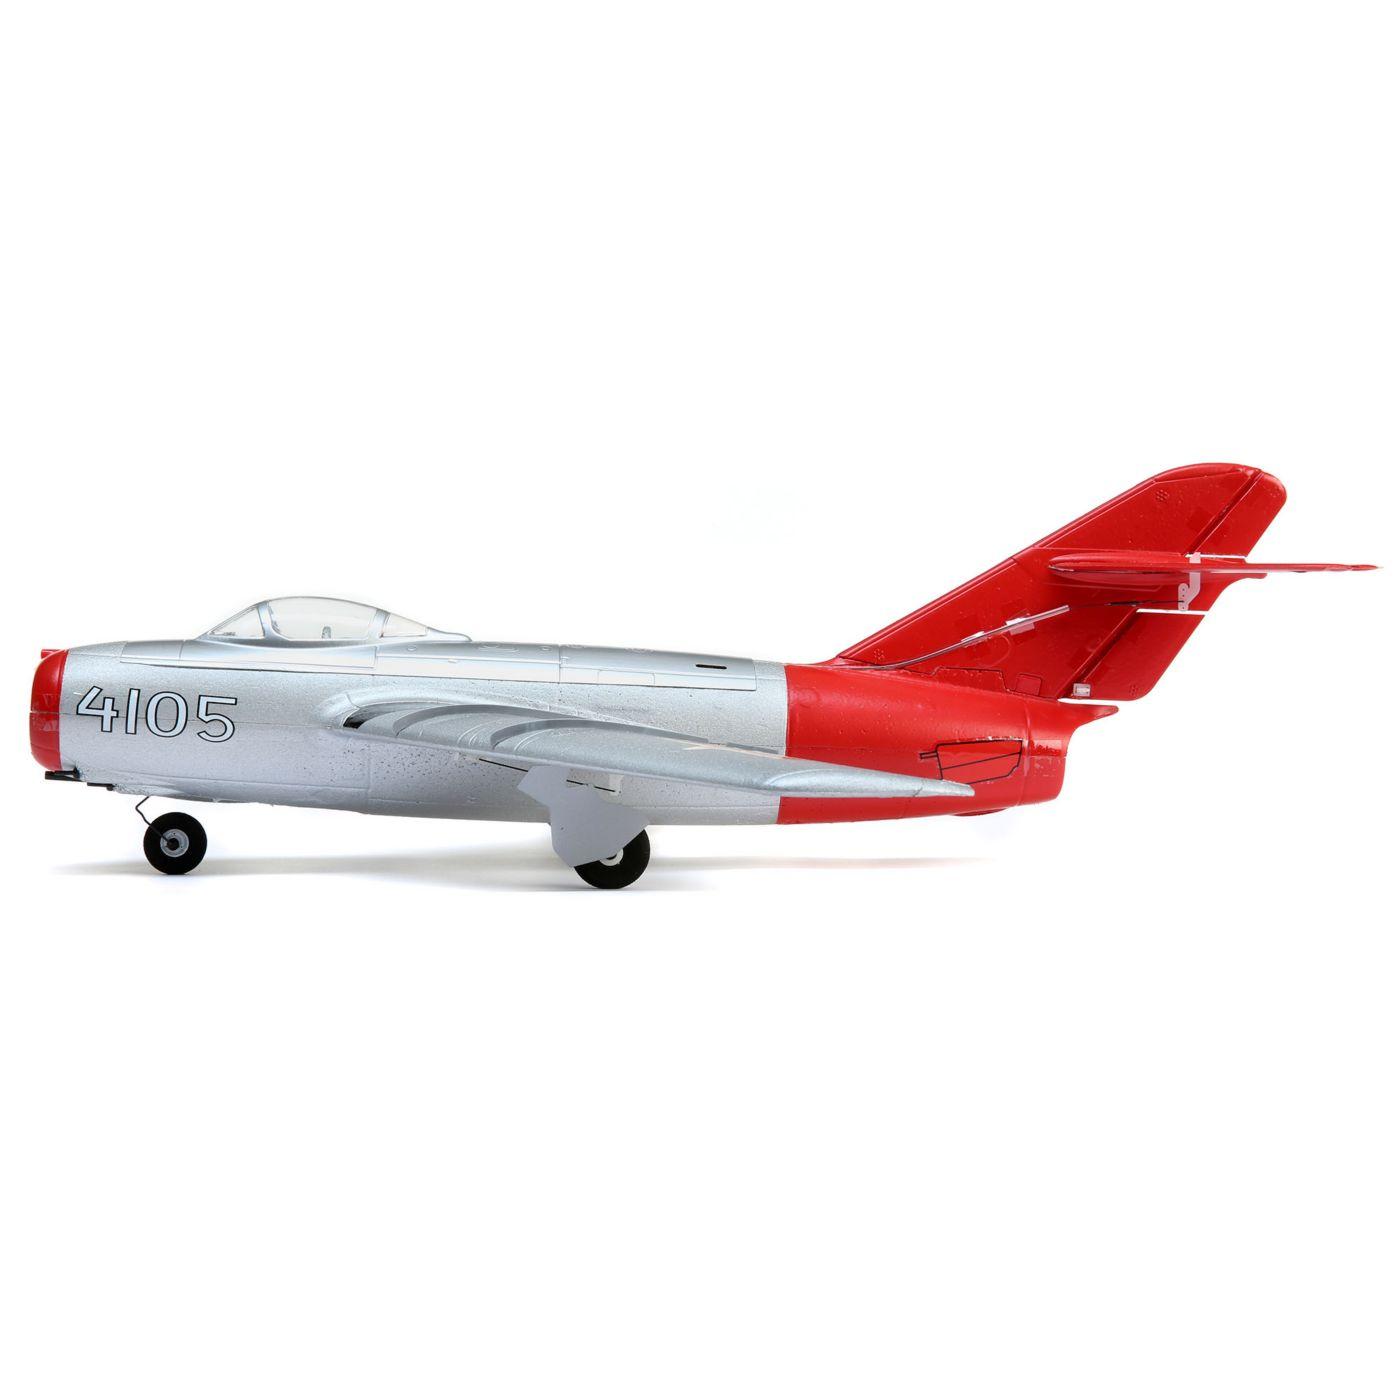 E-flite UMX MiG-15 28mm EDF Jet BNF Basic Ultra Micro WWII Scale